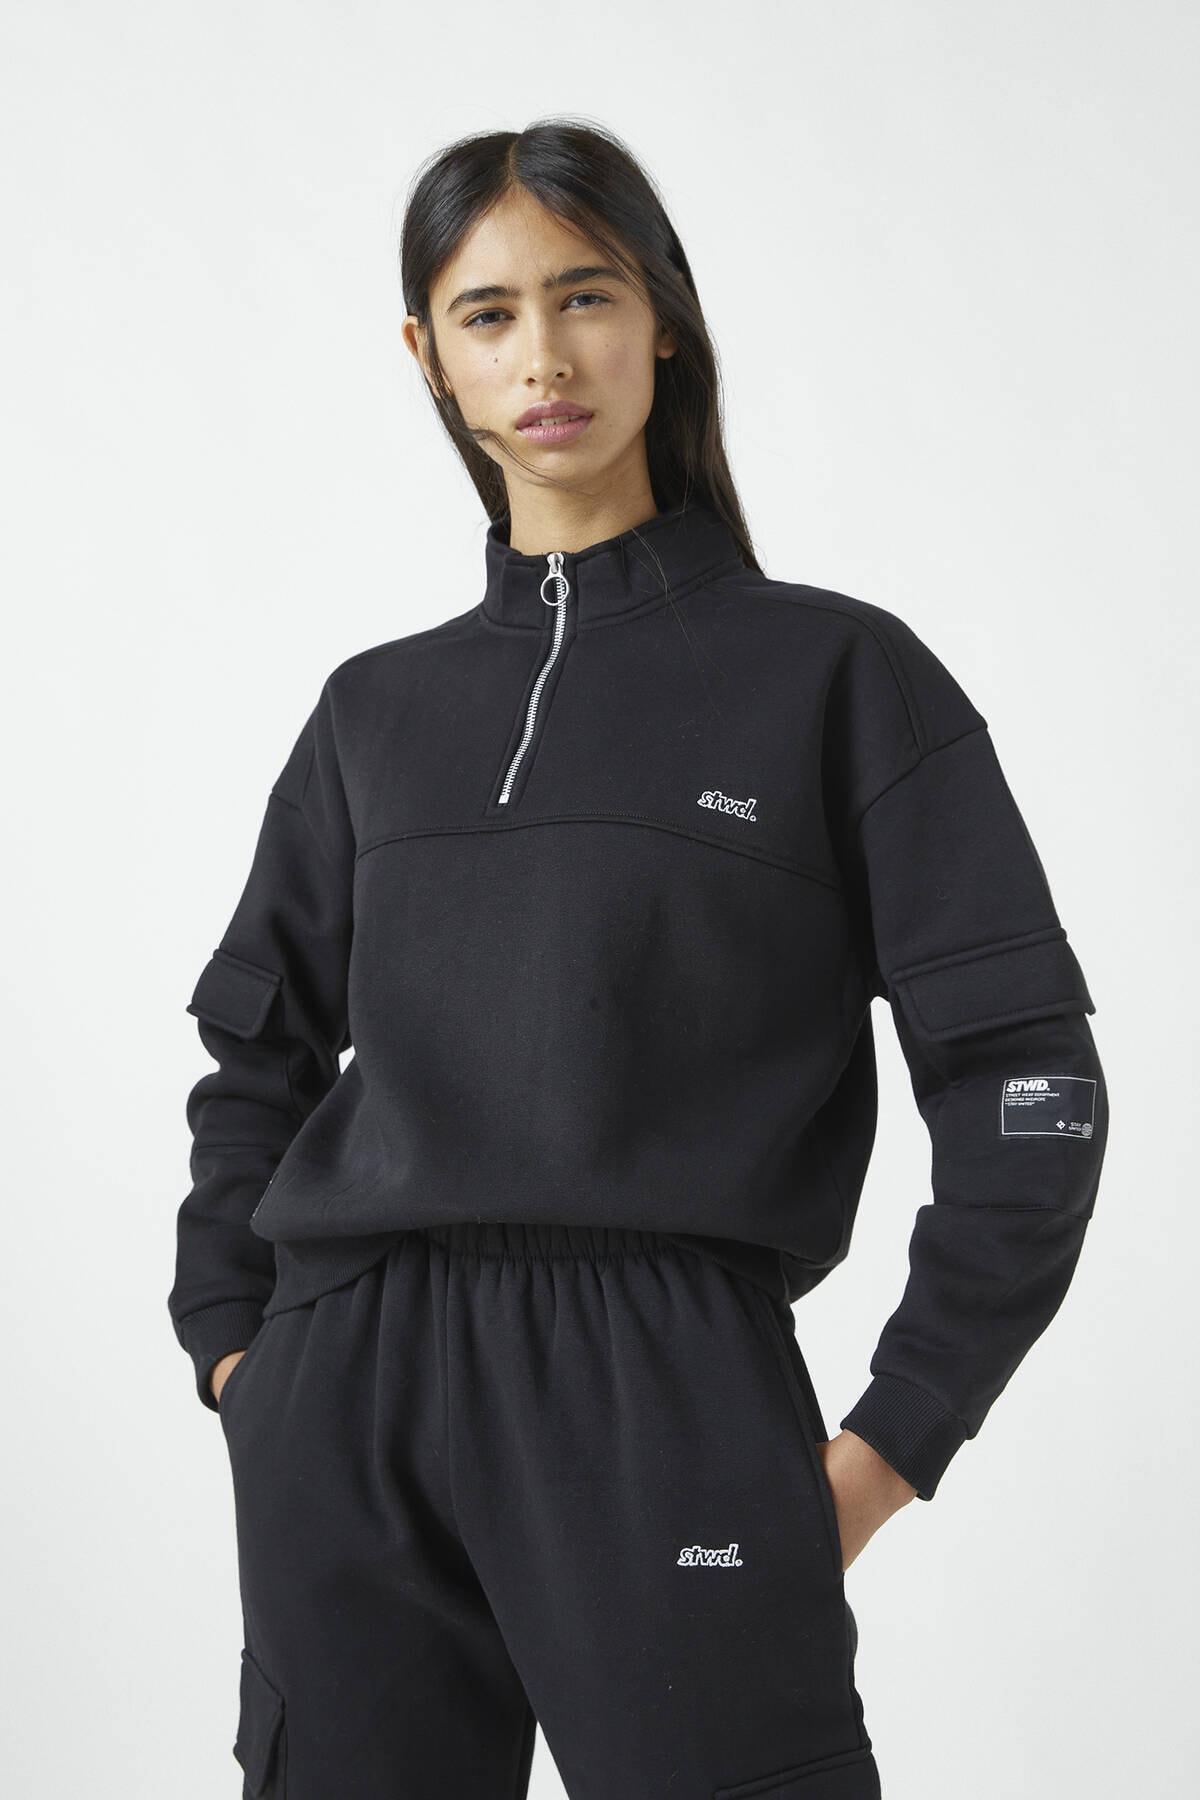 Pull & Bear Kadın Siyah İşlemeli Etiketli Sweatshirt 09594339